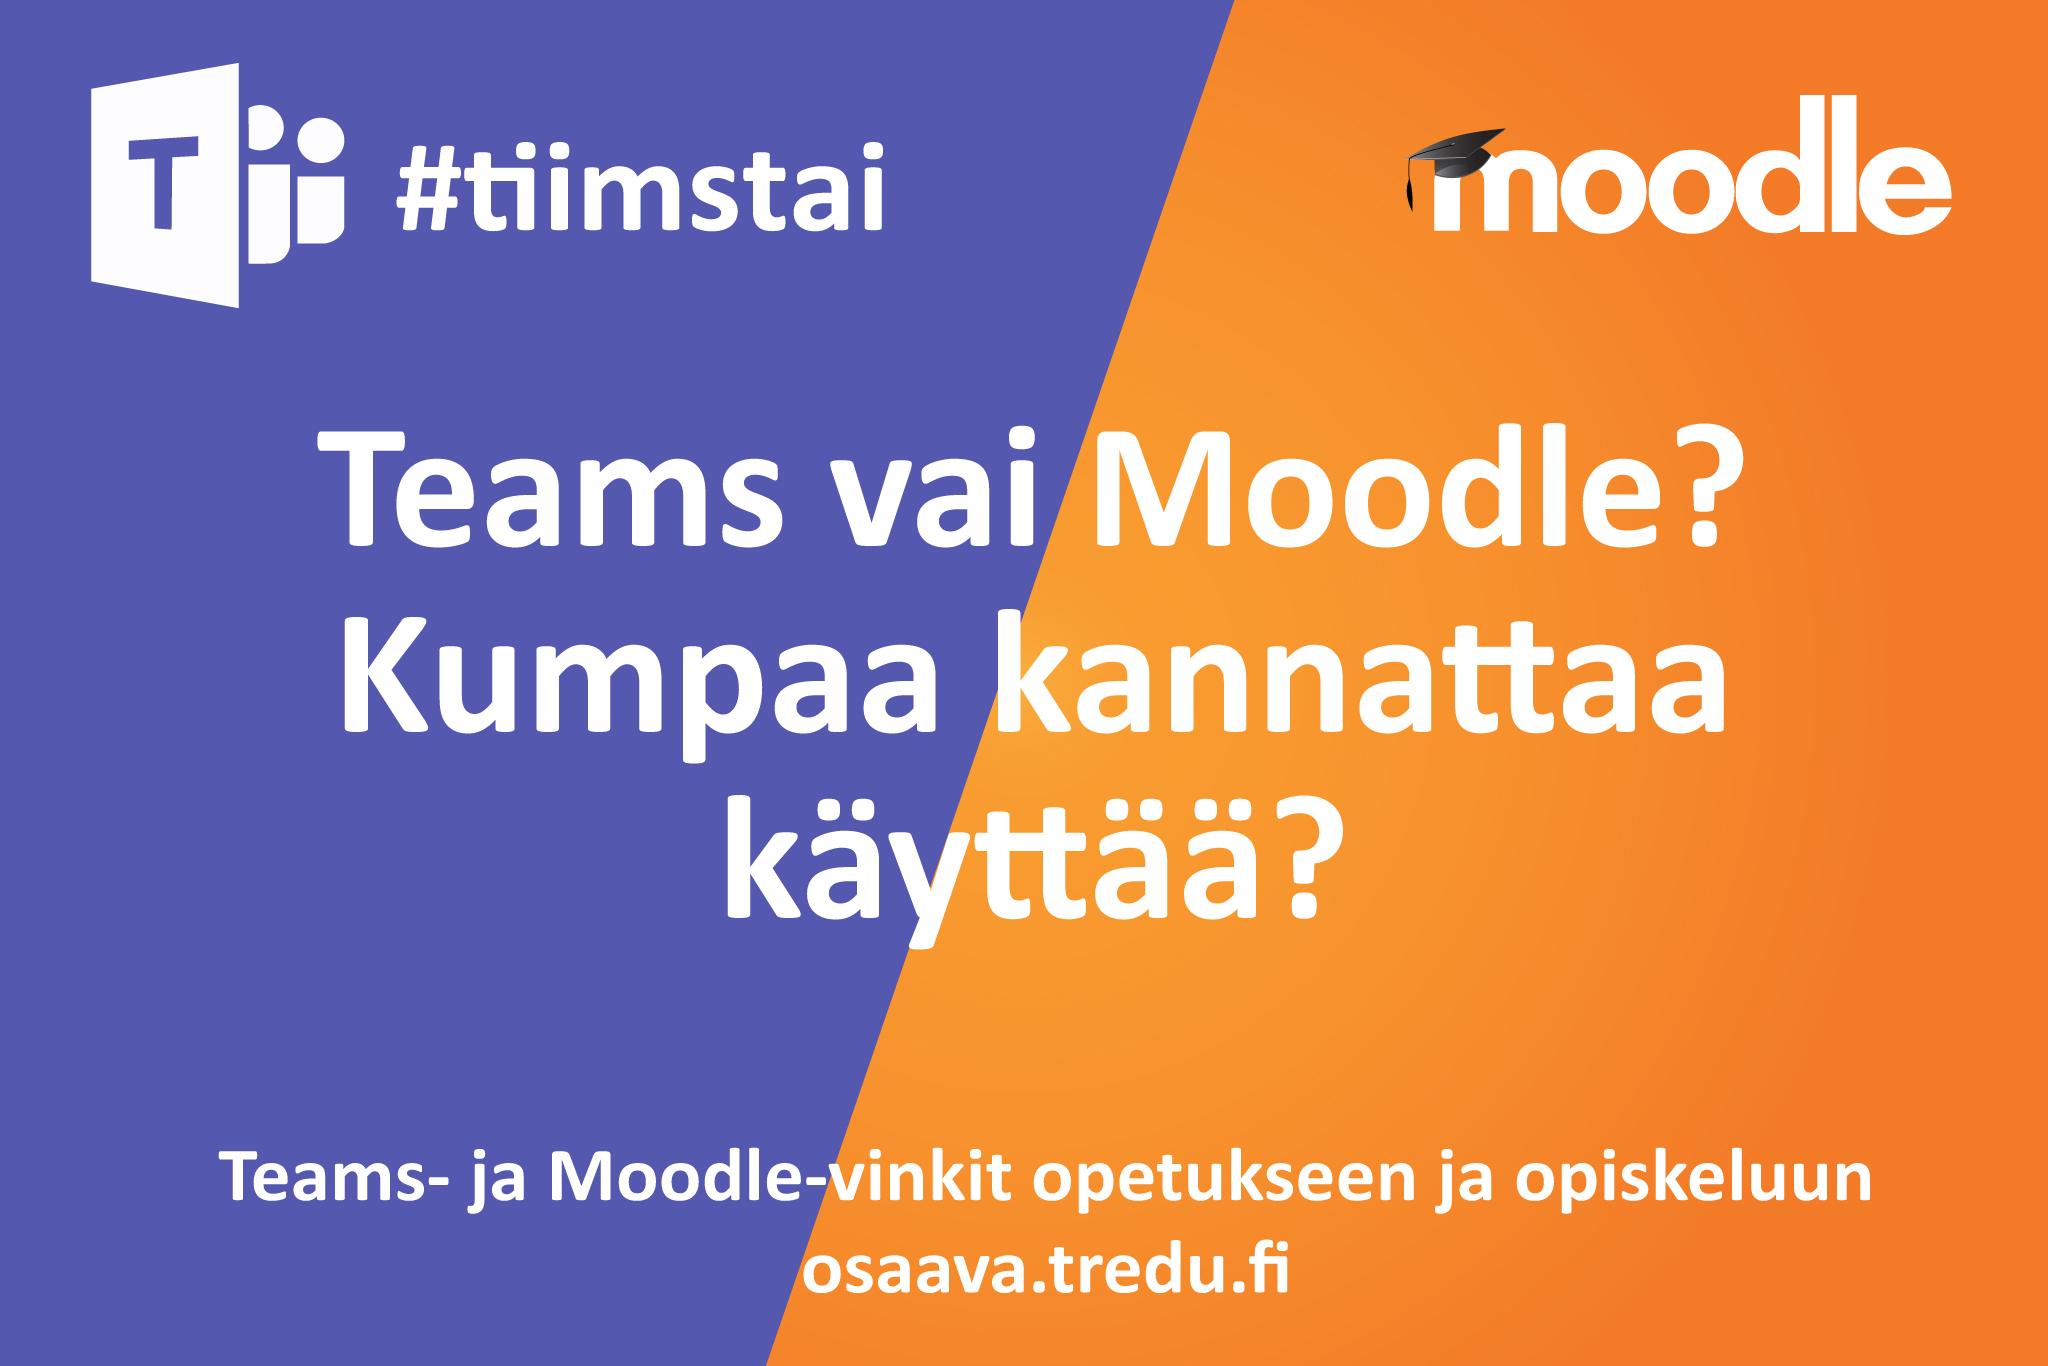 Teams vai Moodle? Kumpaa kannattaa käyttää?